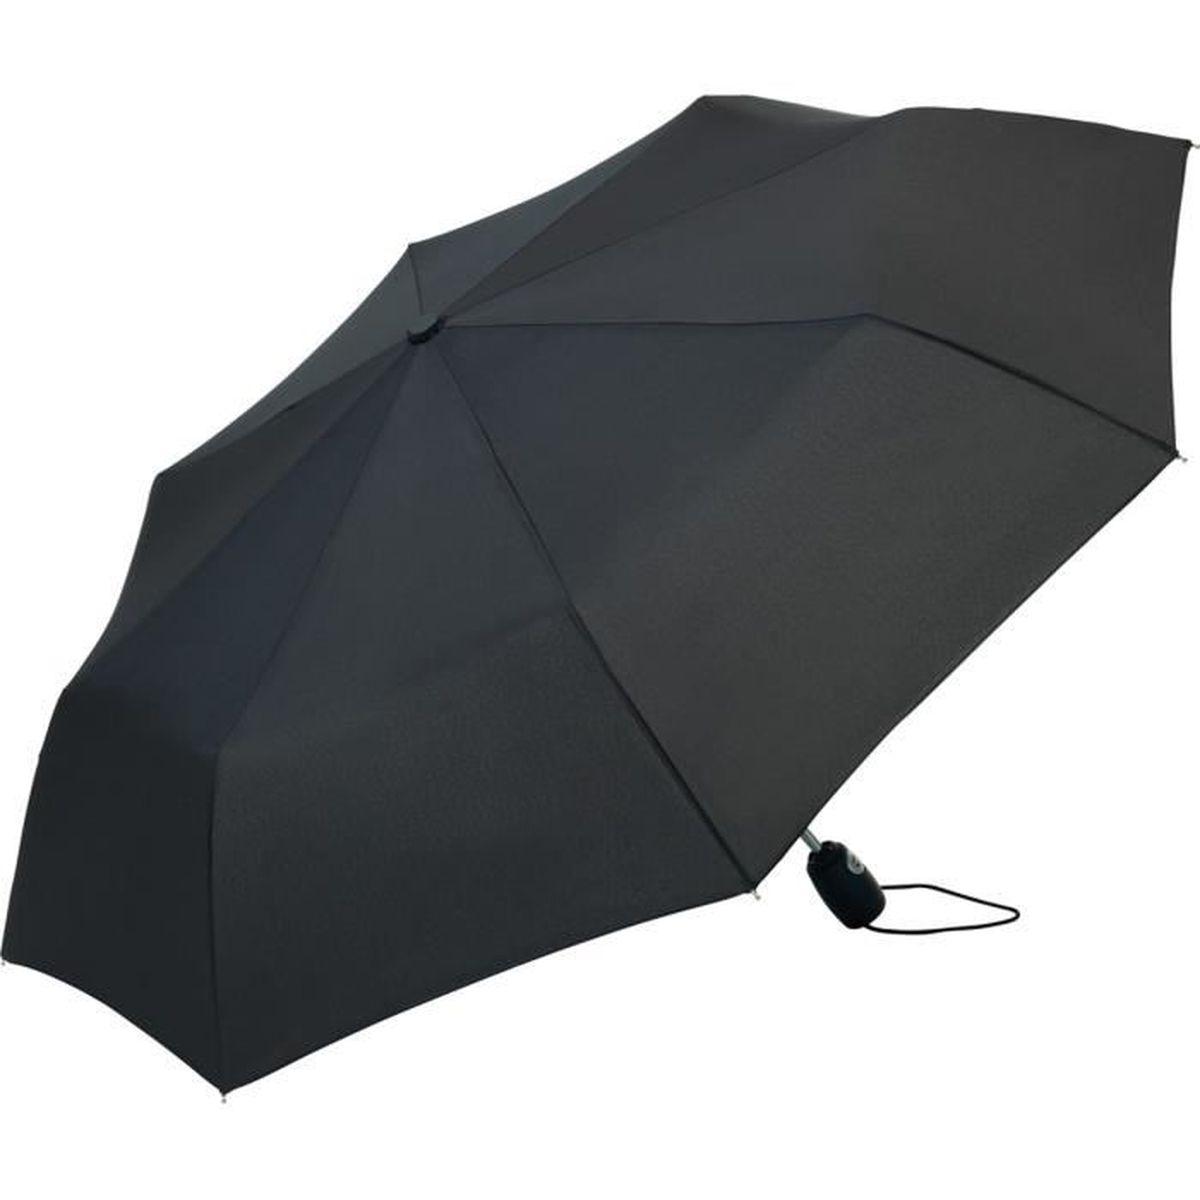 parapluie pliant compact ouverture automatique 5460 noir achat vente parapluie. Black Bedroom Furniture Sets. Home Design Ideas